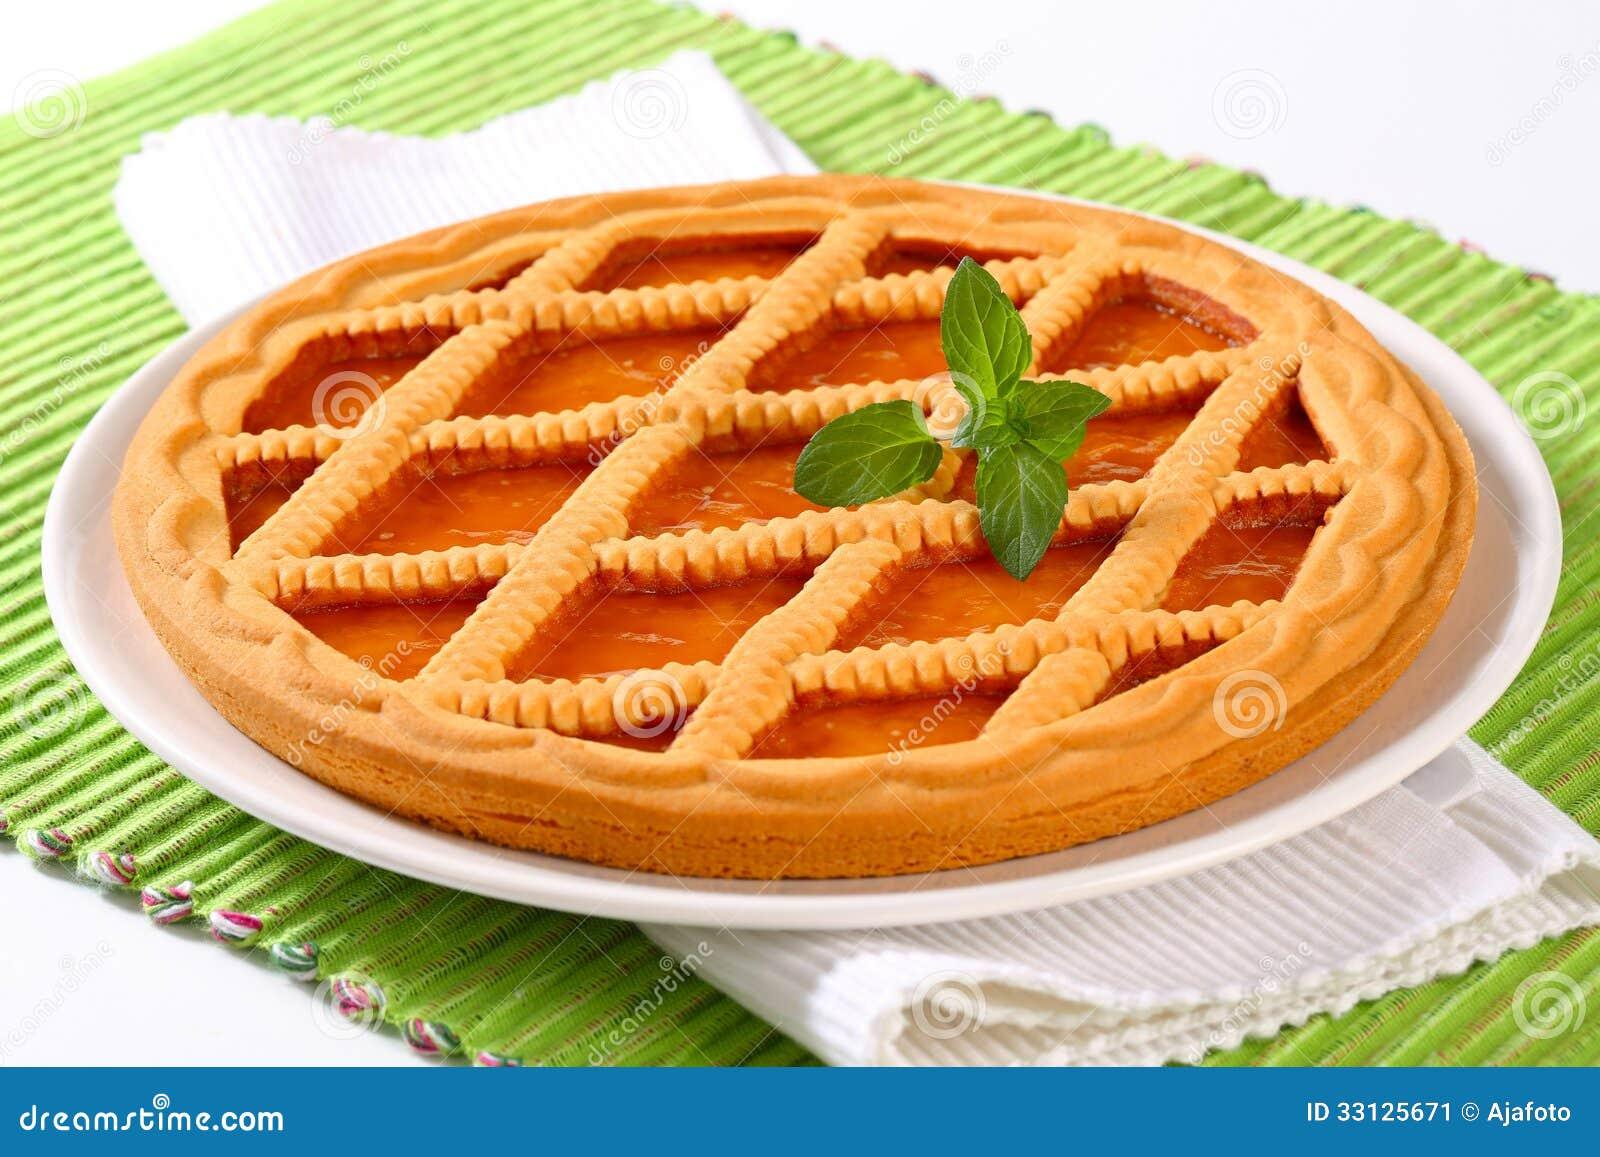 Linzer apricot tart